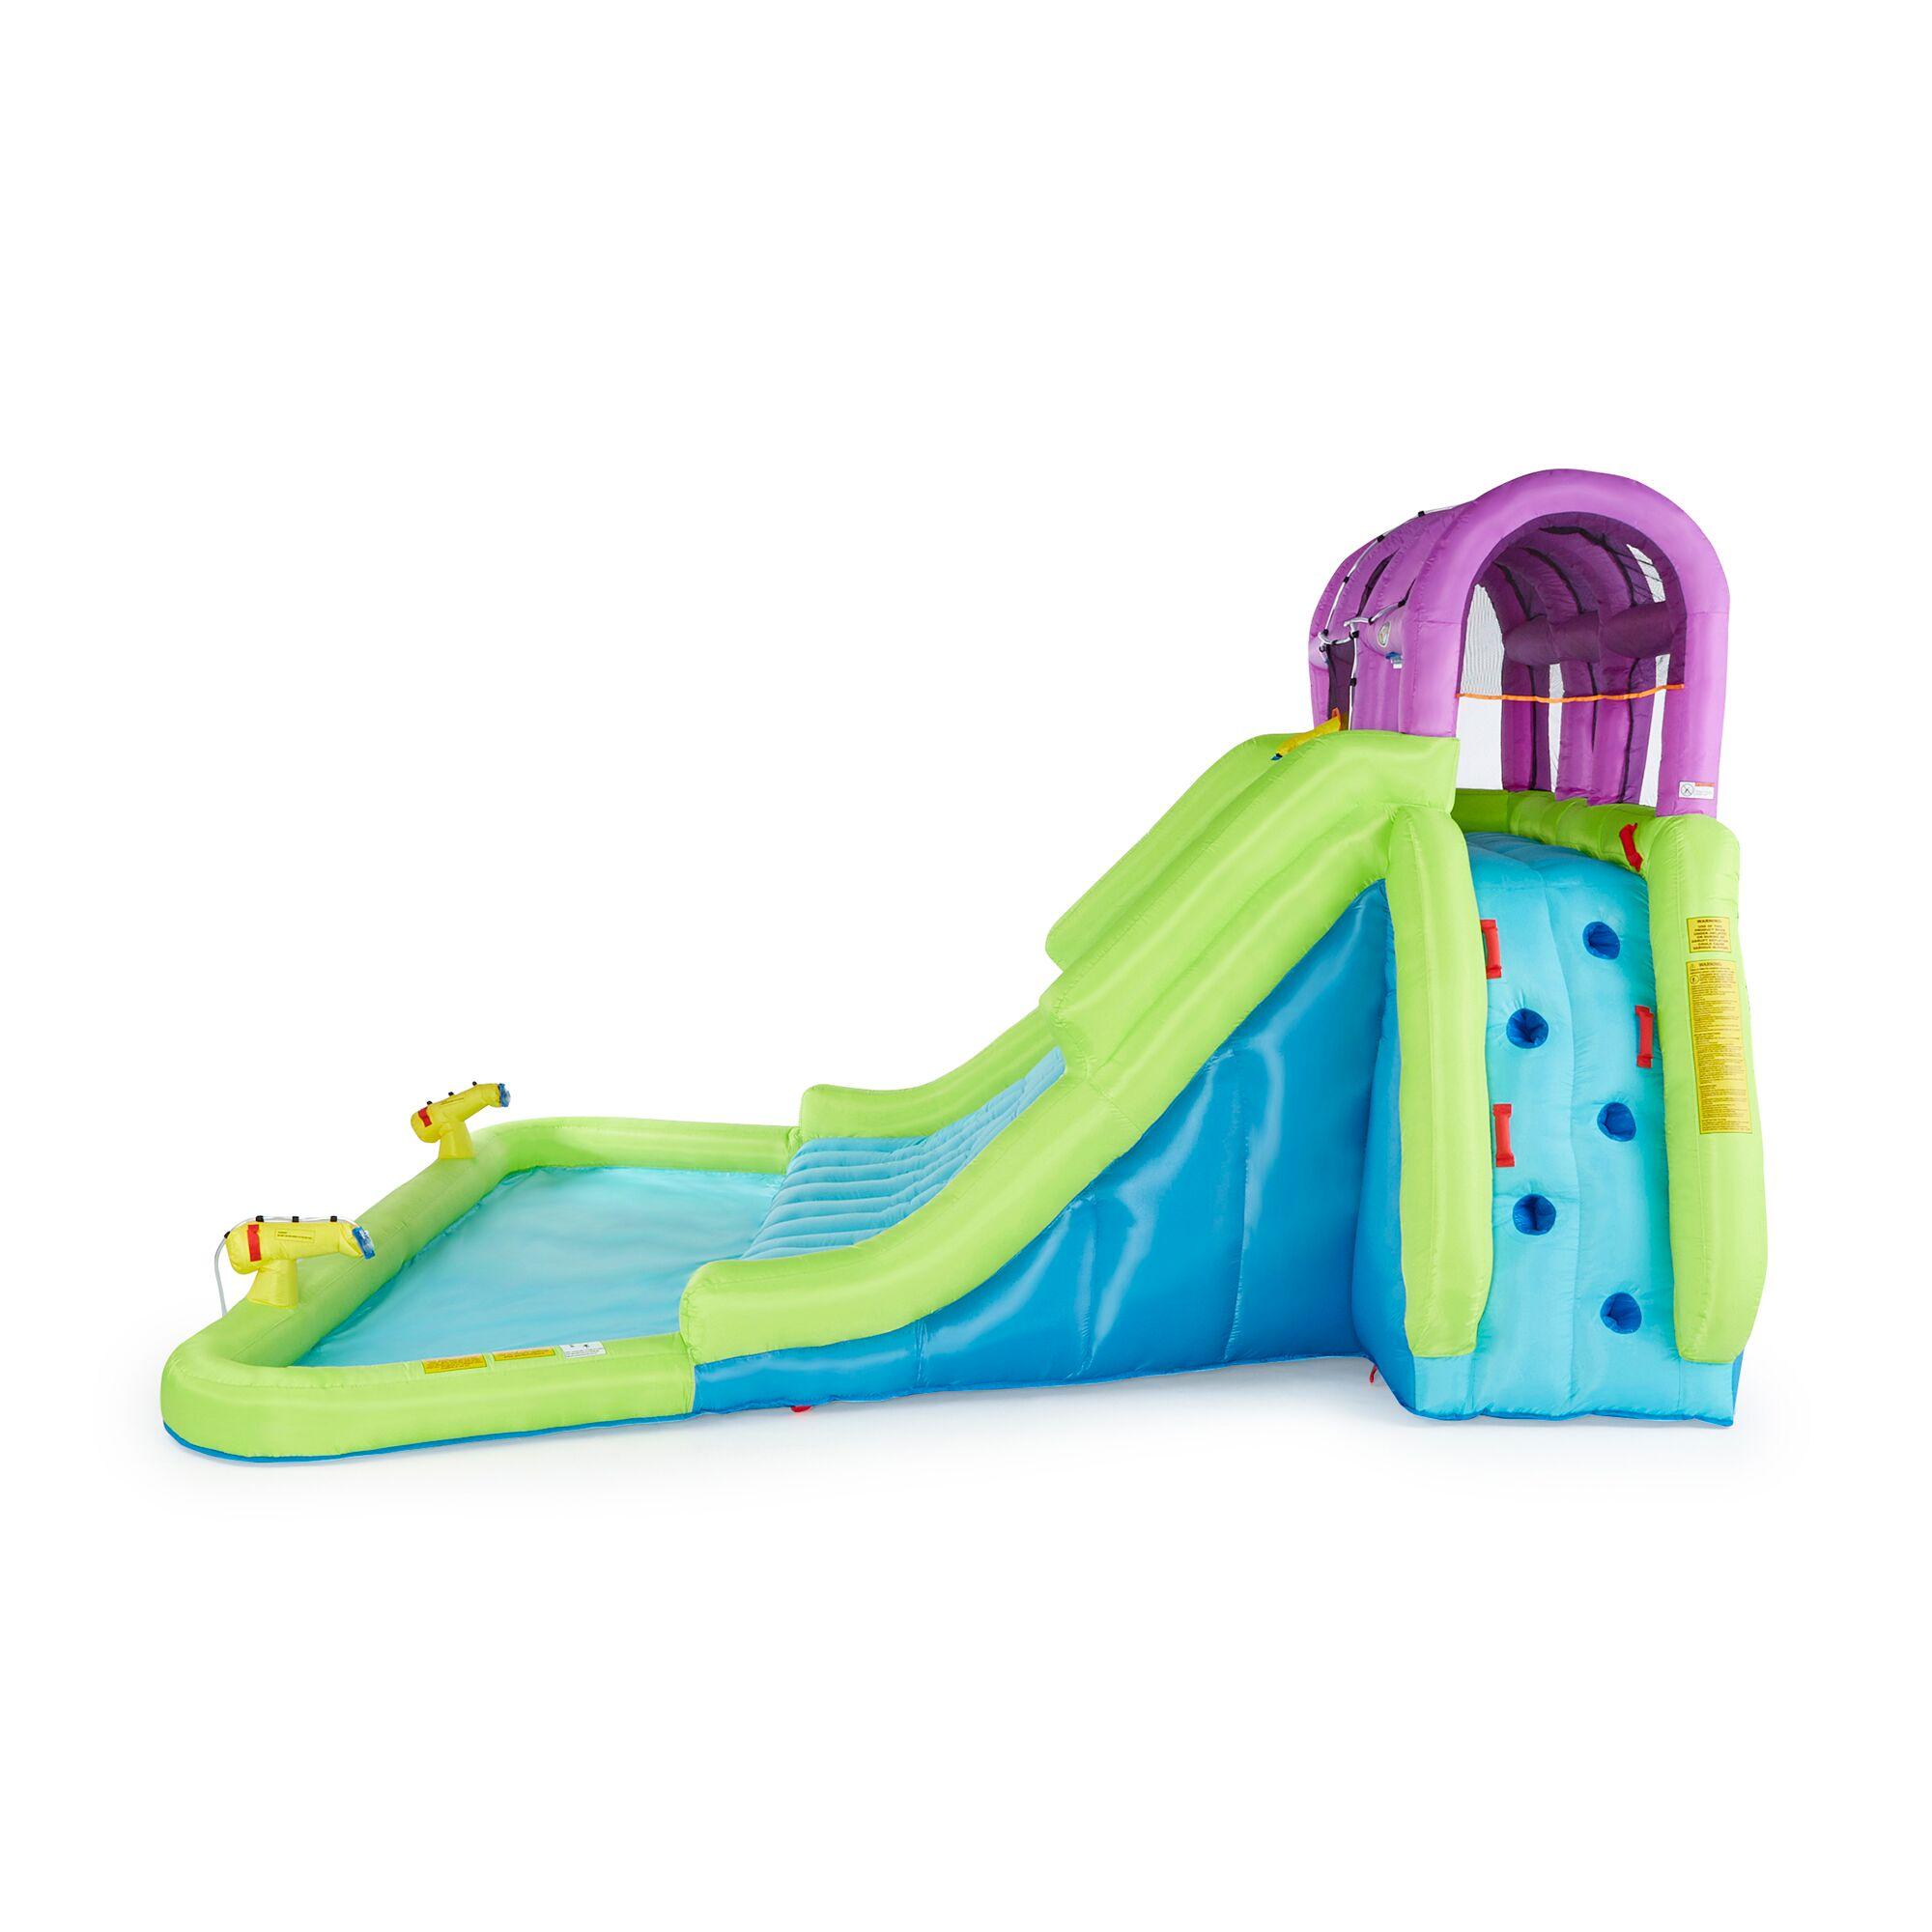 Kahuna Mega Blast Inflatable Backyard Kids Pool and Slide ...